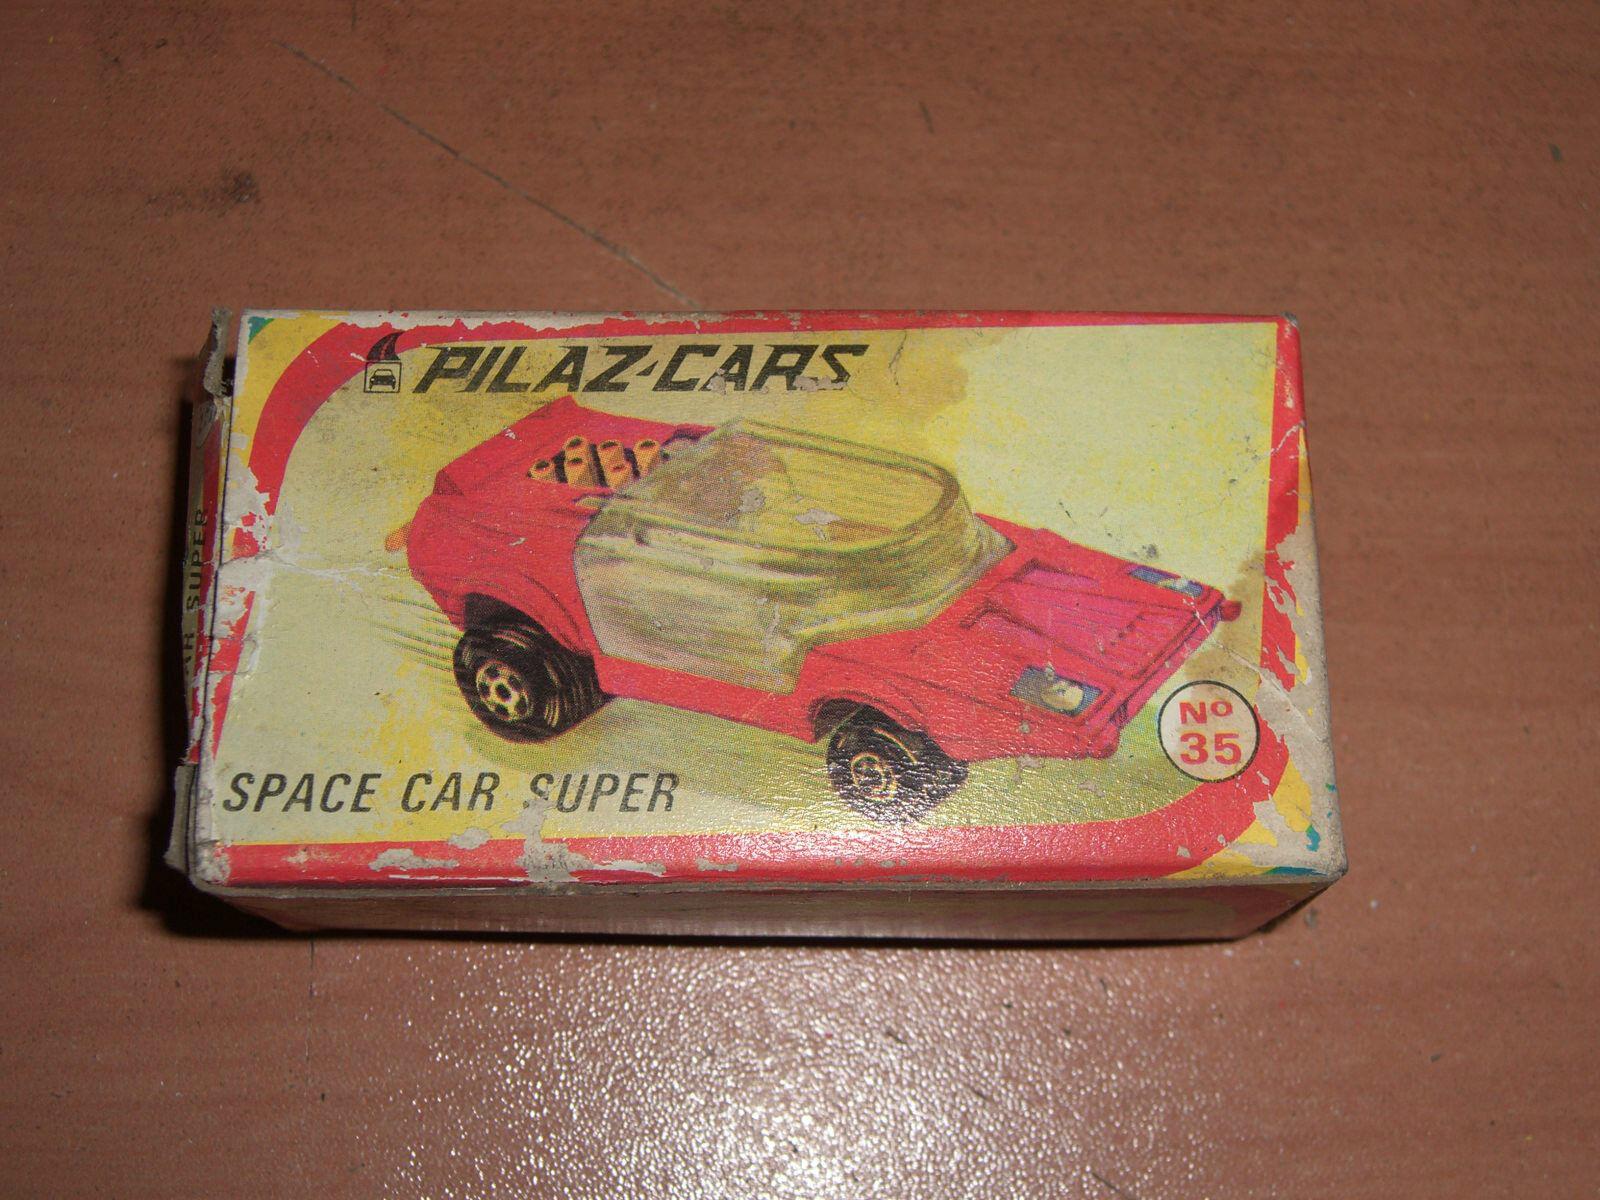 80's Vintage griego pilaz Juguetes espacio coche Super de de de fundición 1 64 Mib 2 7c0369